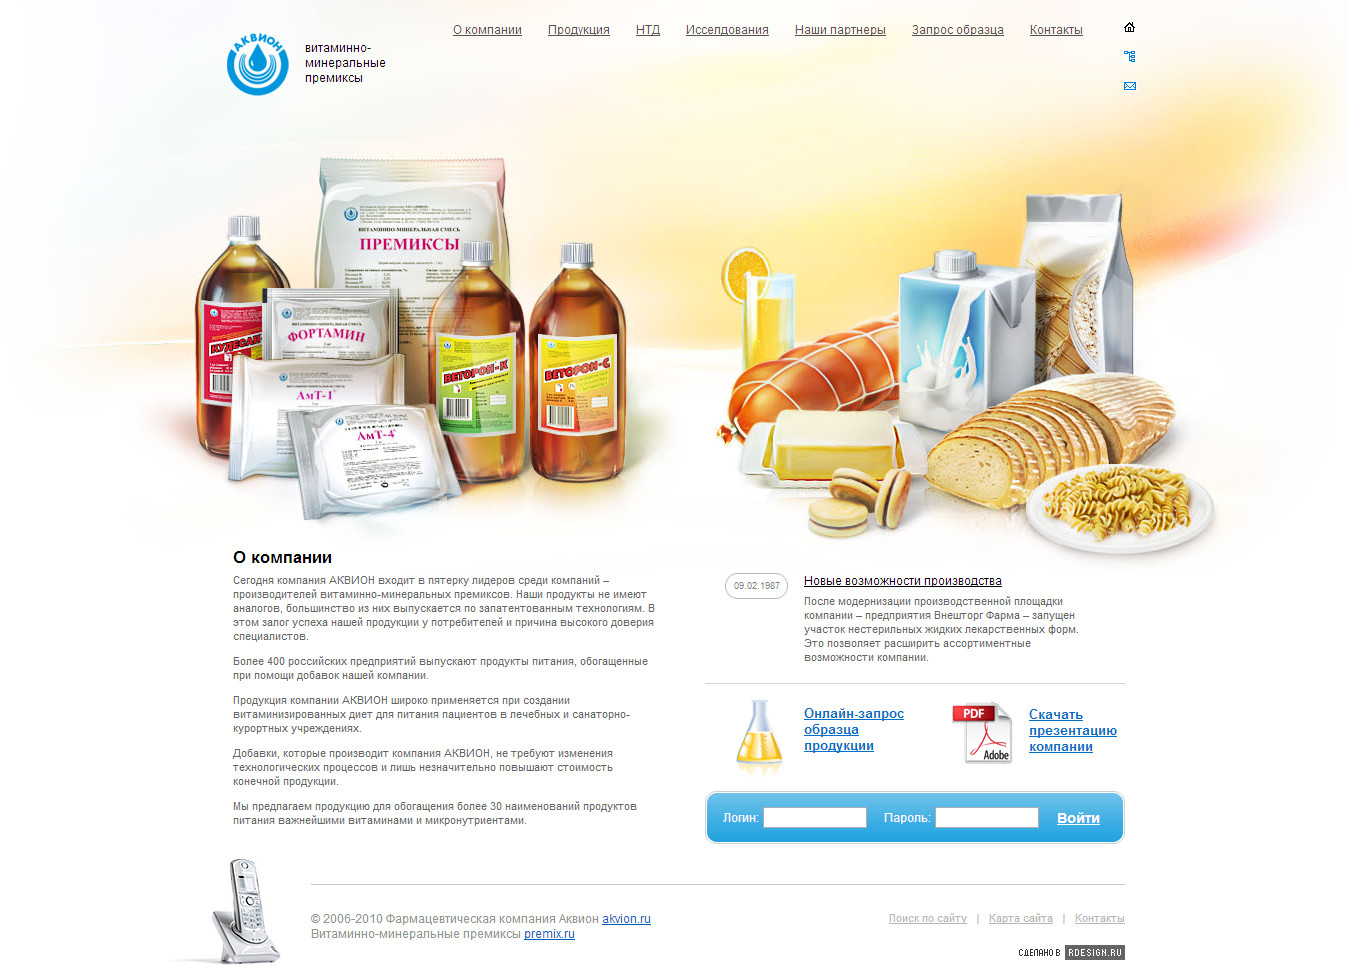 Витаминно-минеральные премиксы Аквион